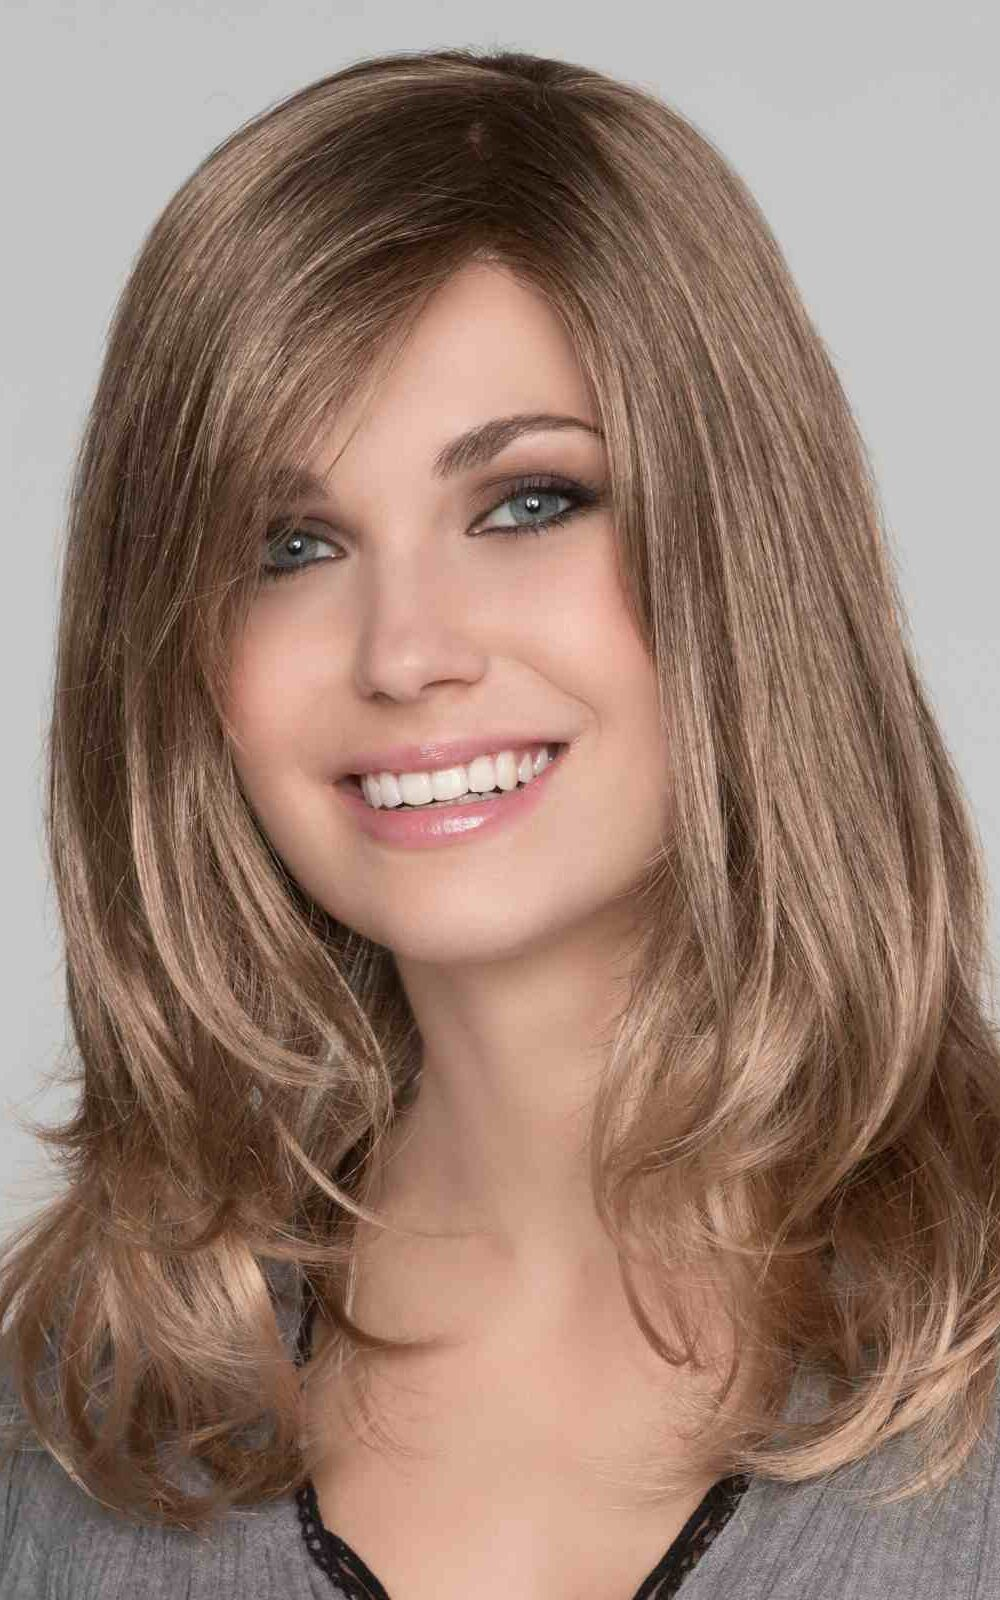 MARUSHA MONO by Ellen Wille in Nougat Mix   Light Brown, Dark Honey Blonde, and Medium to Light Reddish Brown blend